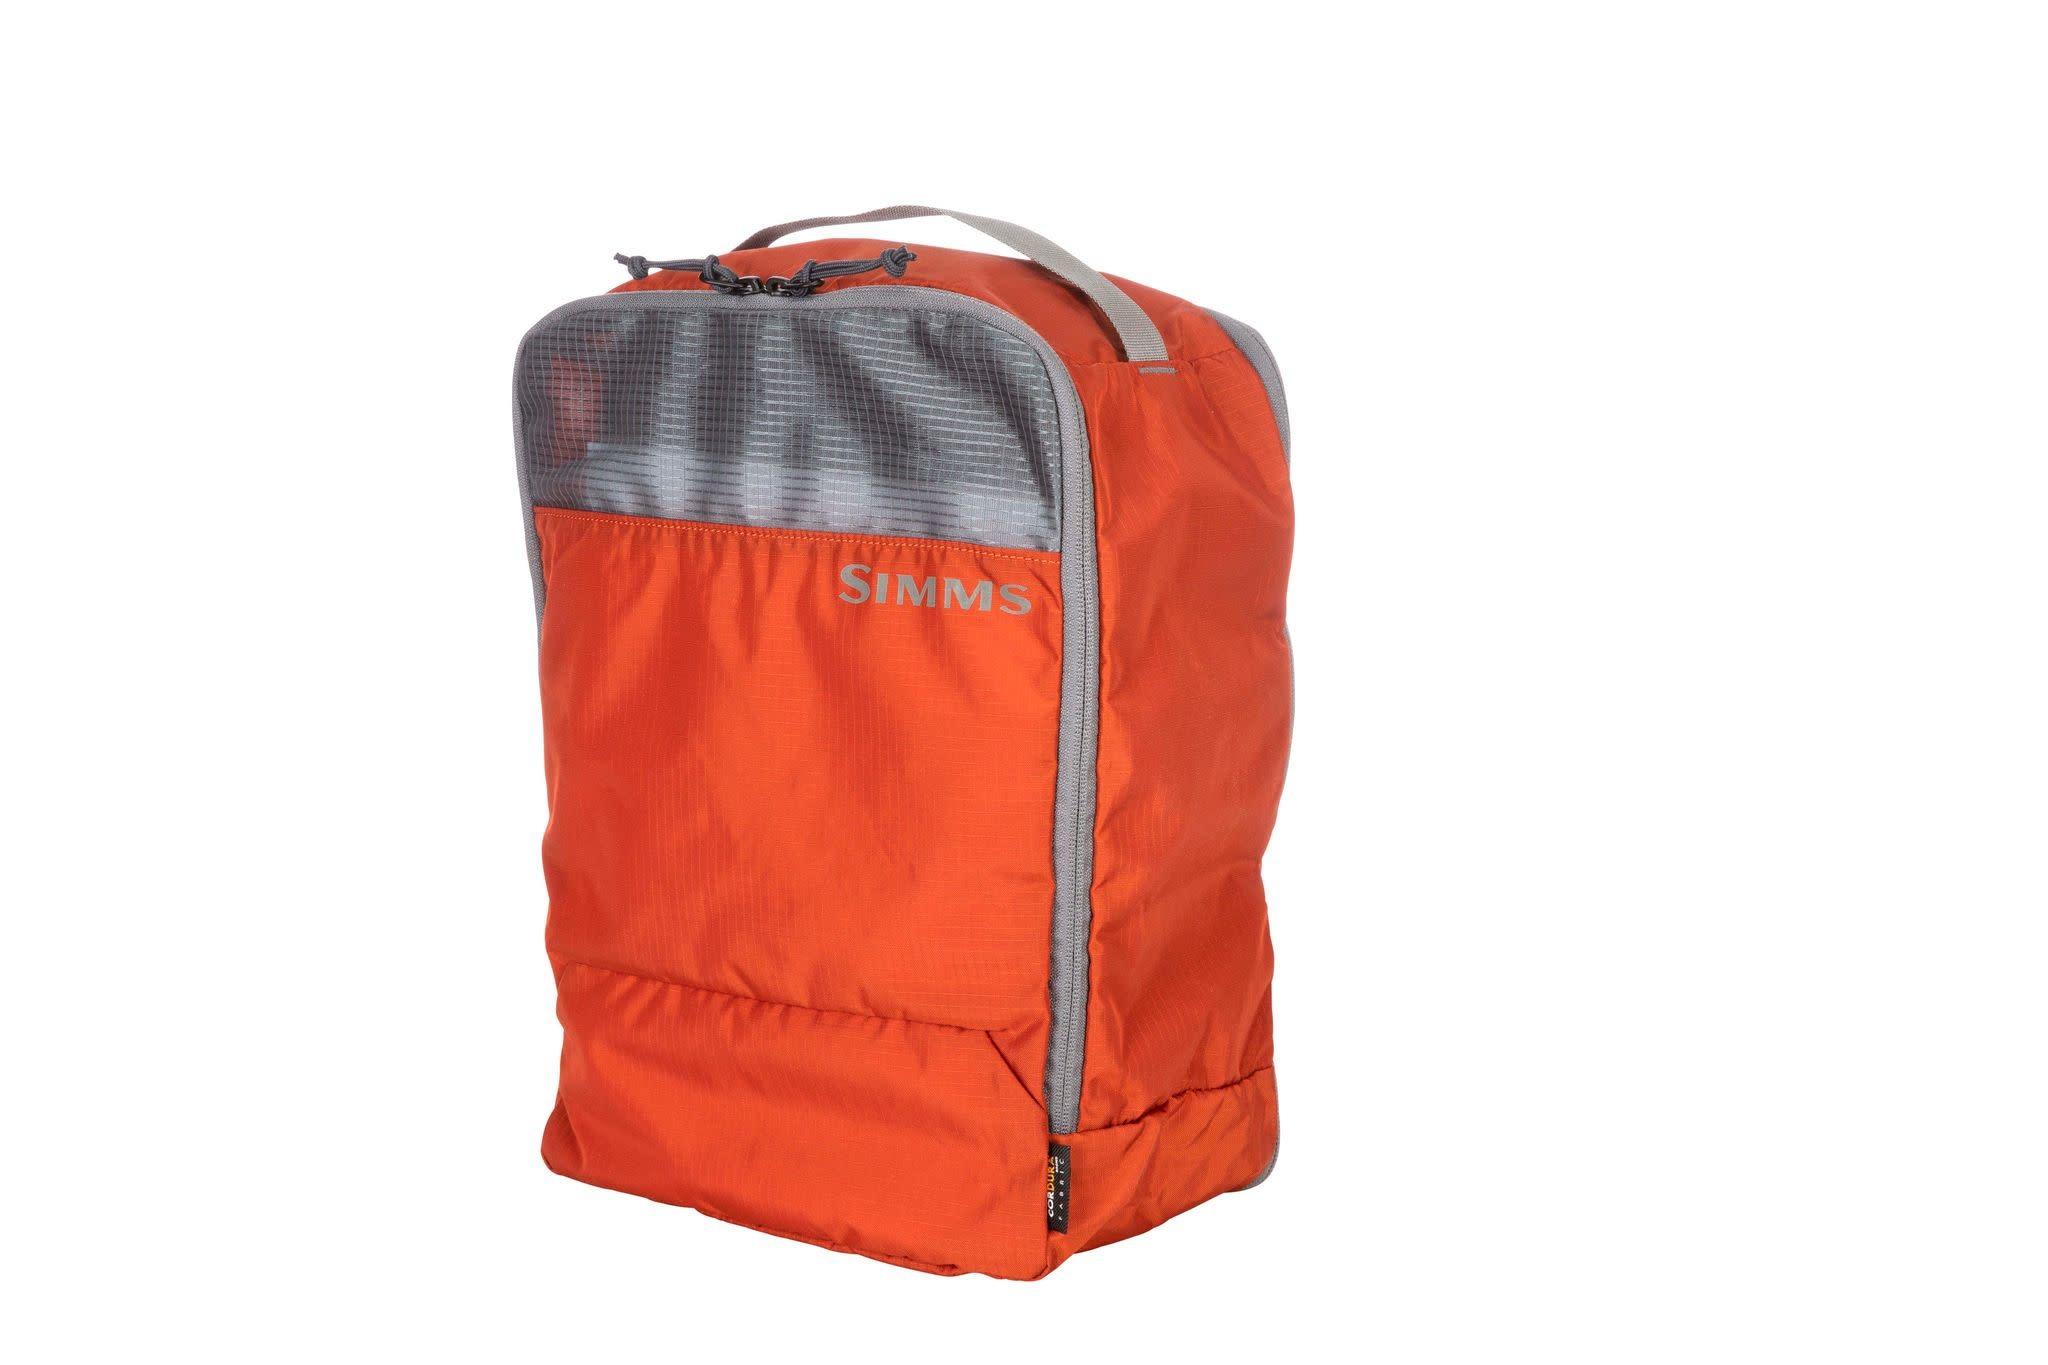 Simms GTS Packing Kit- 3 Pack Simms Orange